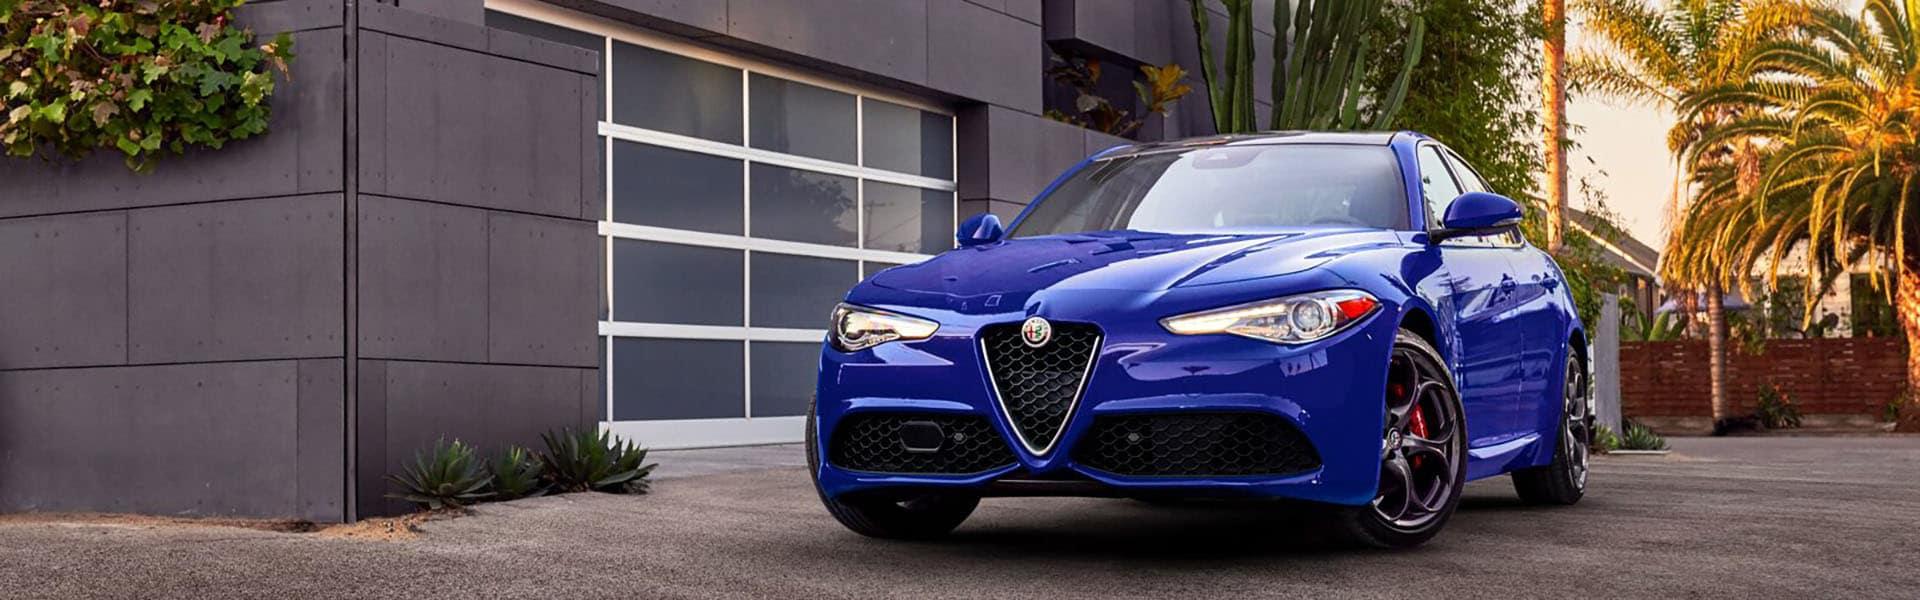 Alfa Romeo Giulia Model